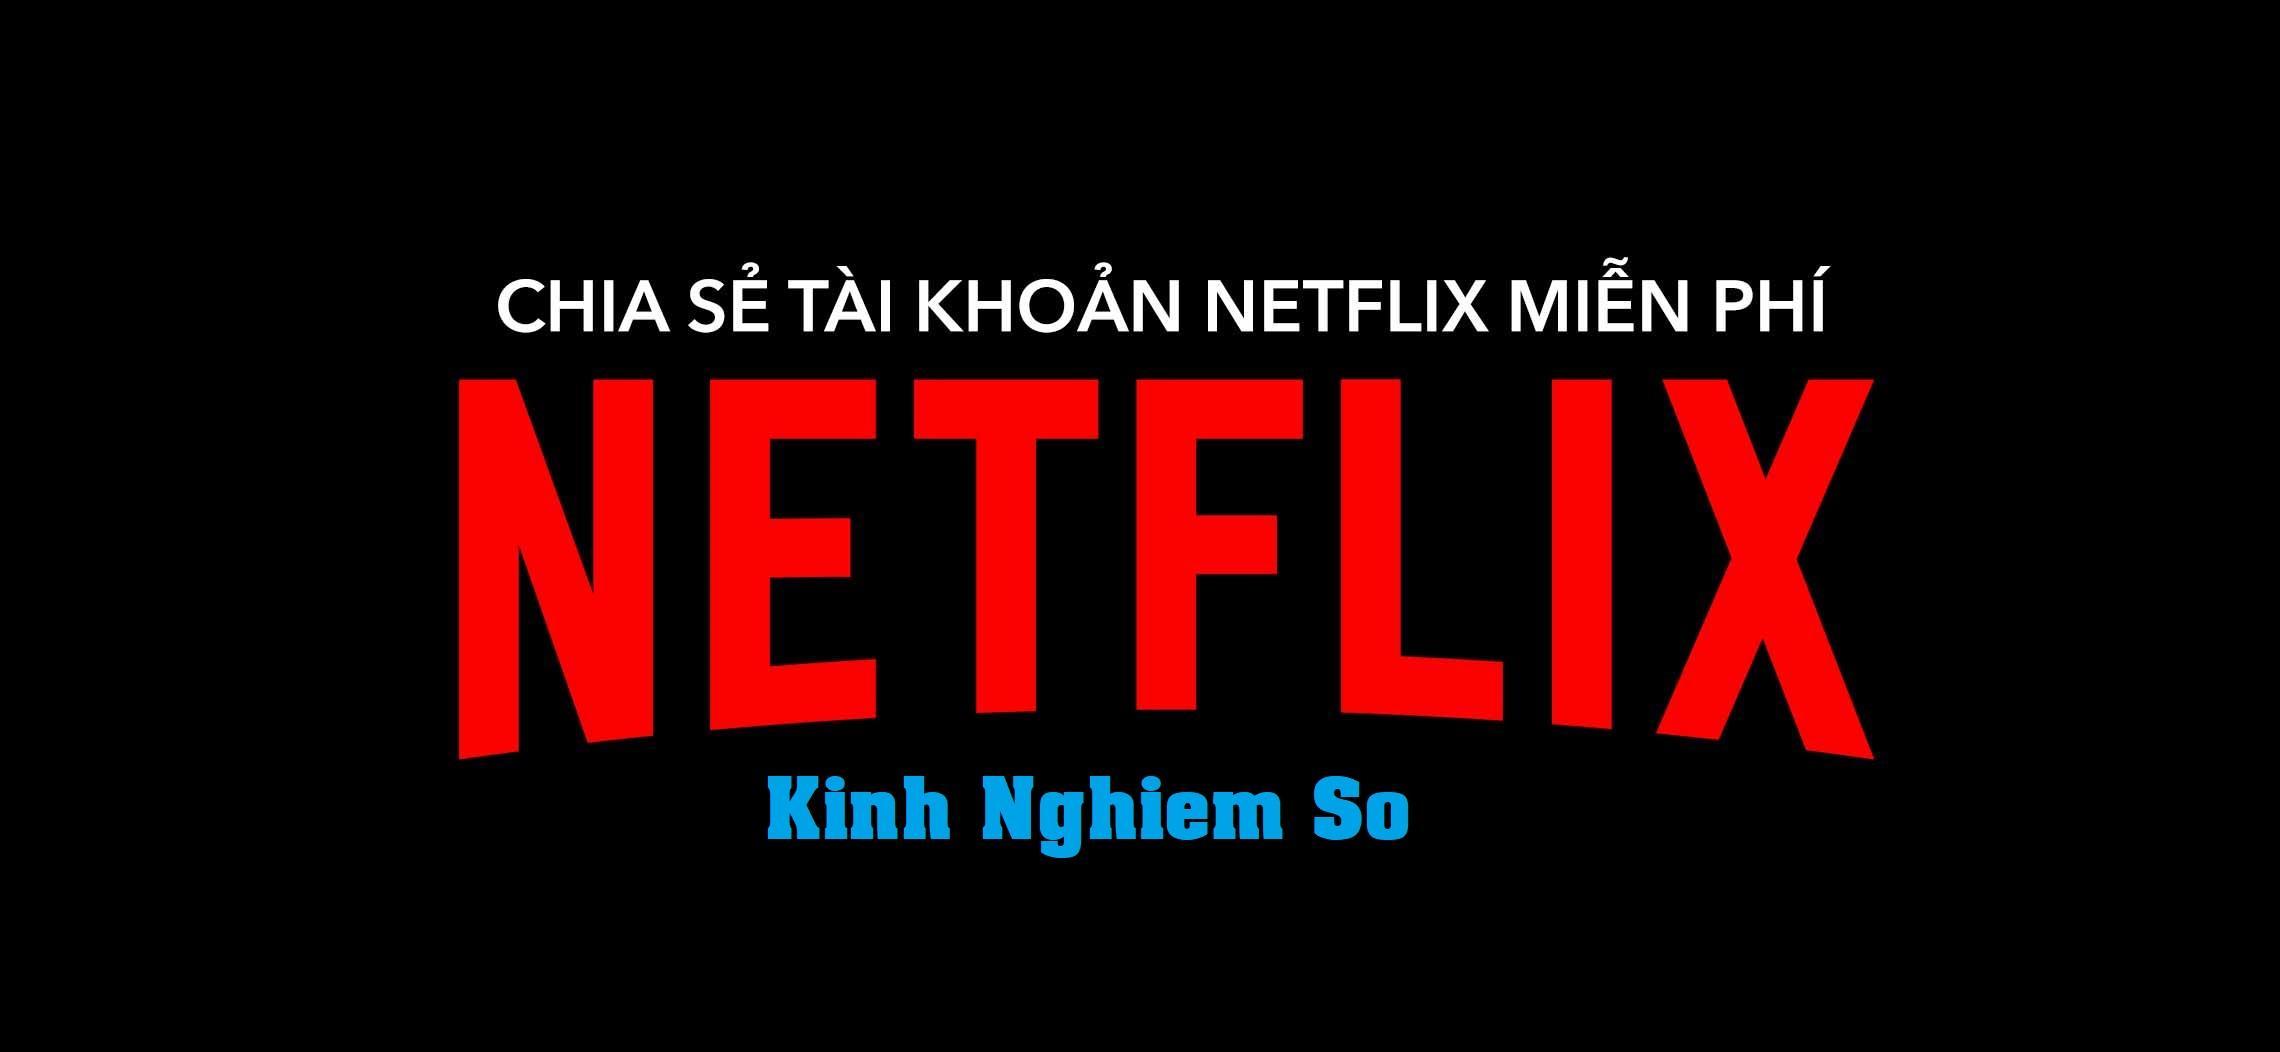 Share tài khoản Netflix Premium